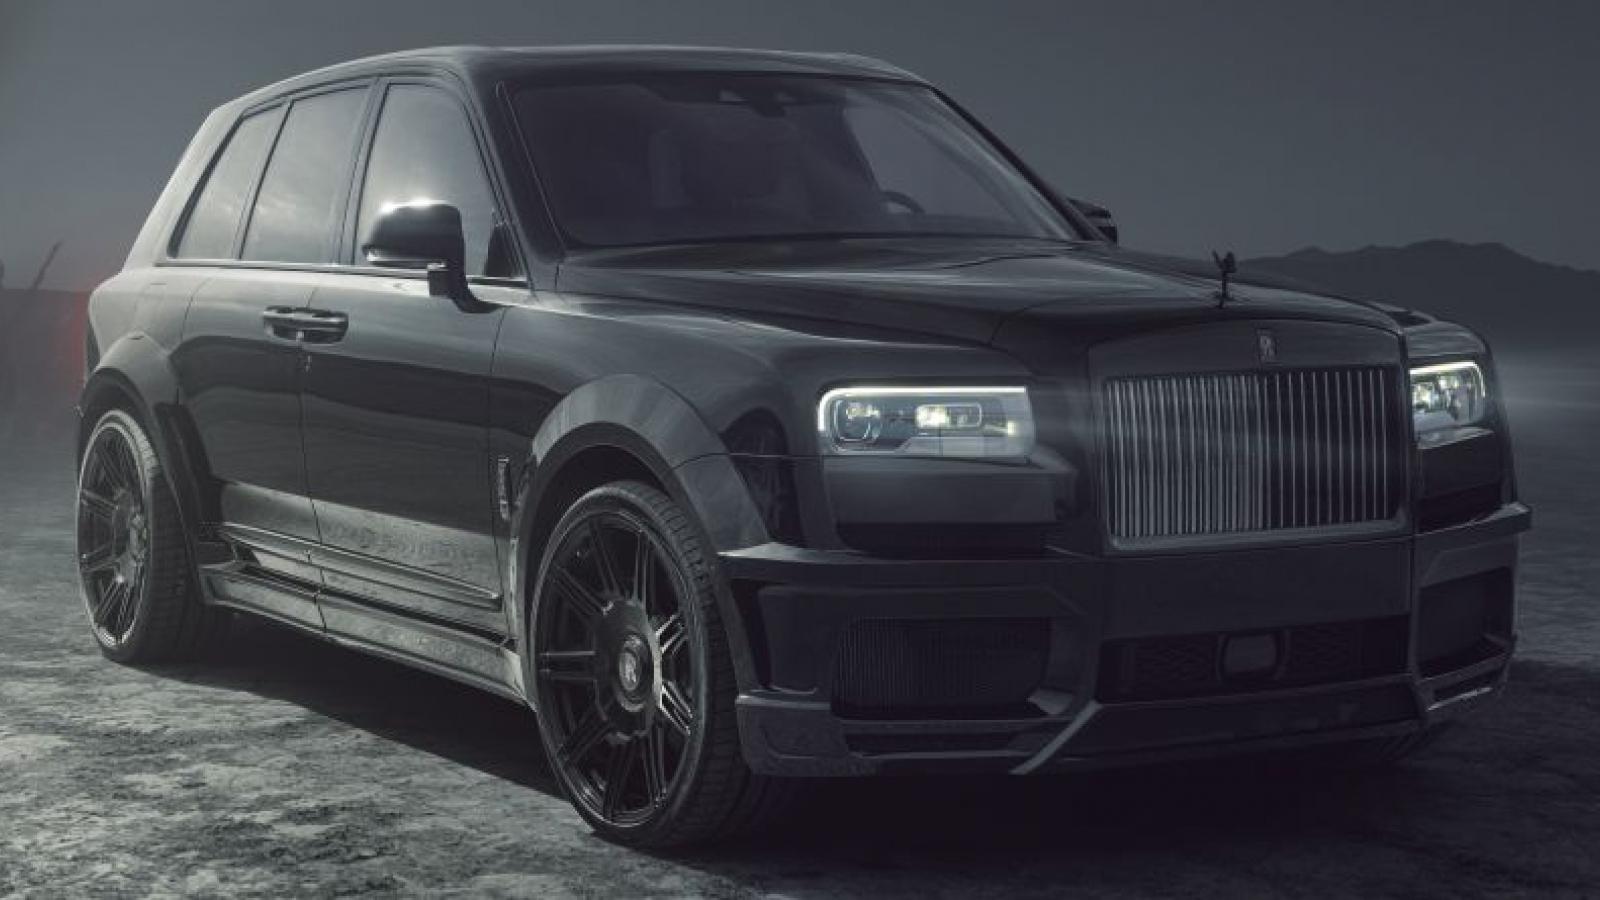 Rolls-Royce Cullinan Black Badge hầm hố hơn với gói độ thân rộng